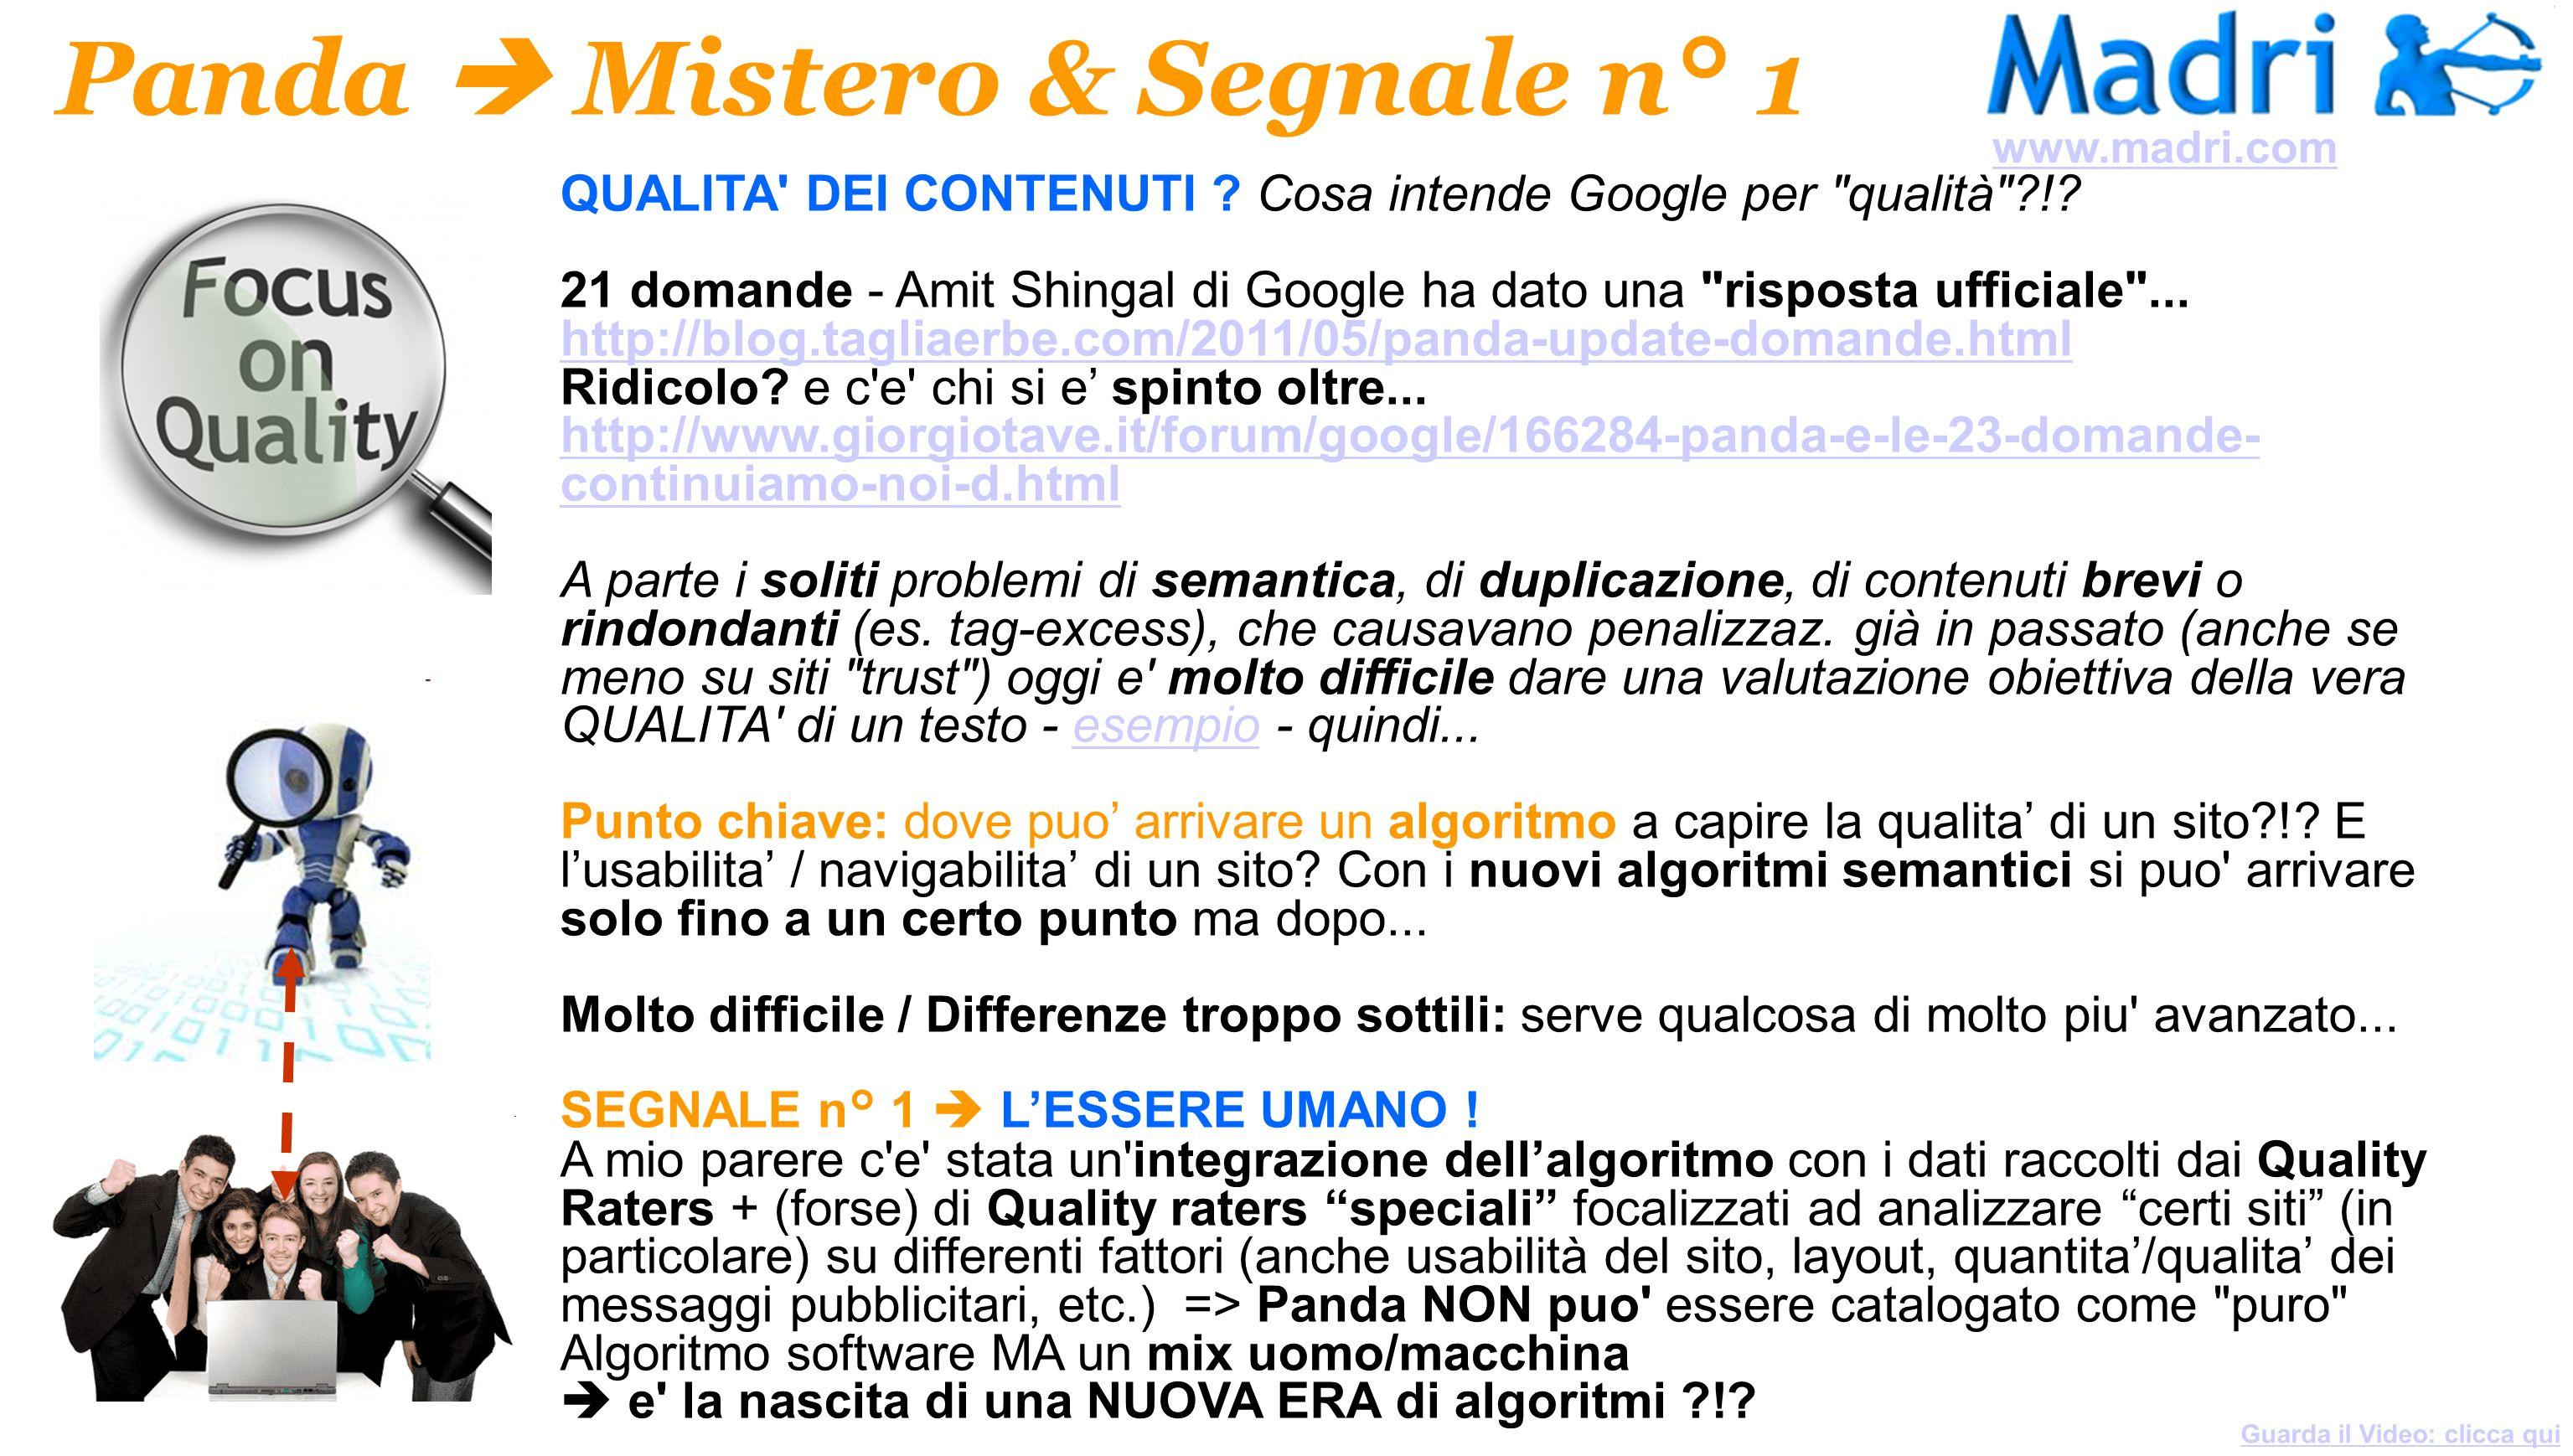 Panda  Mistero & Segnale n° 1